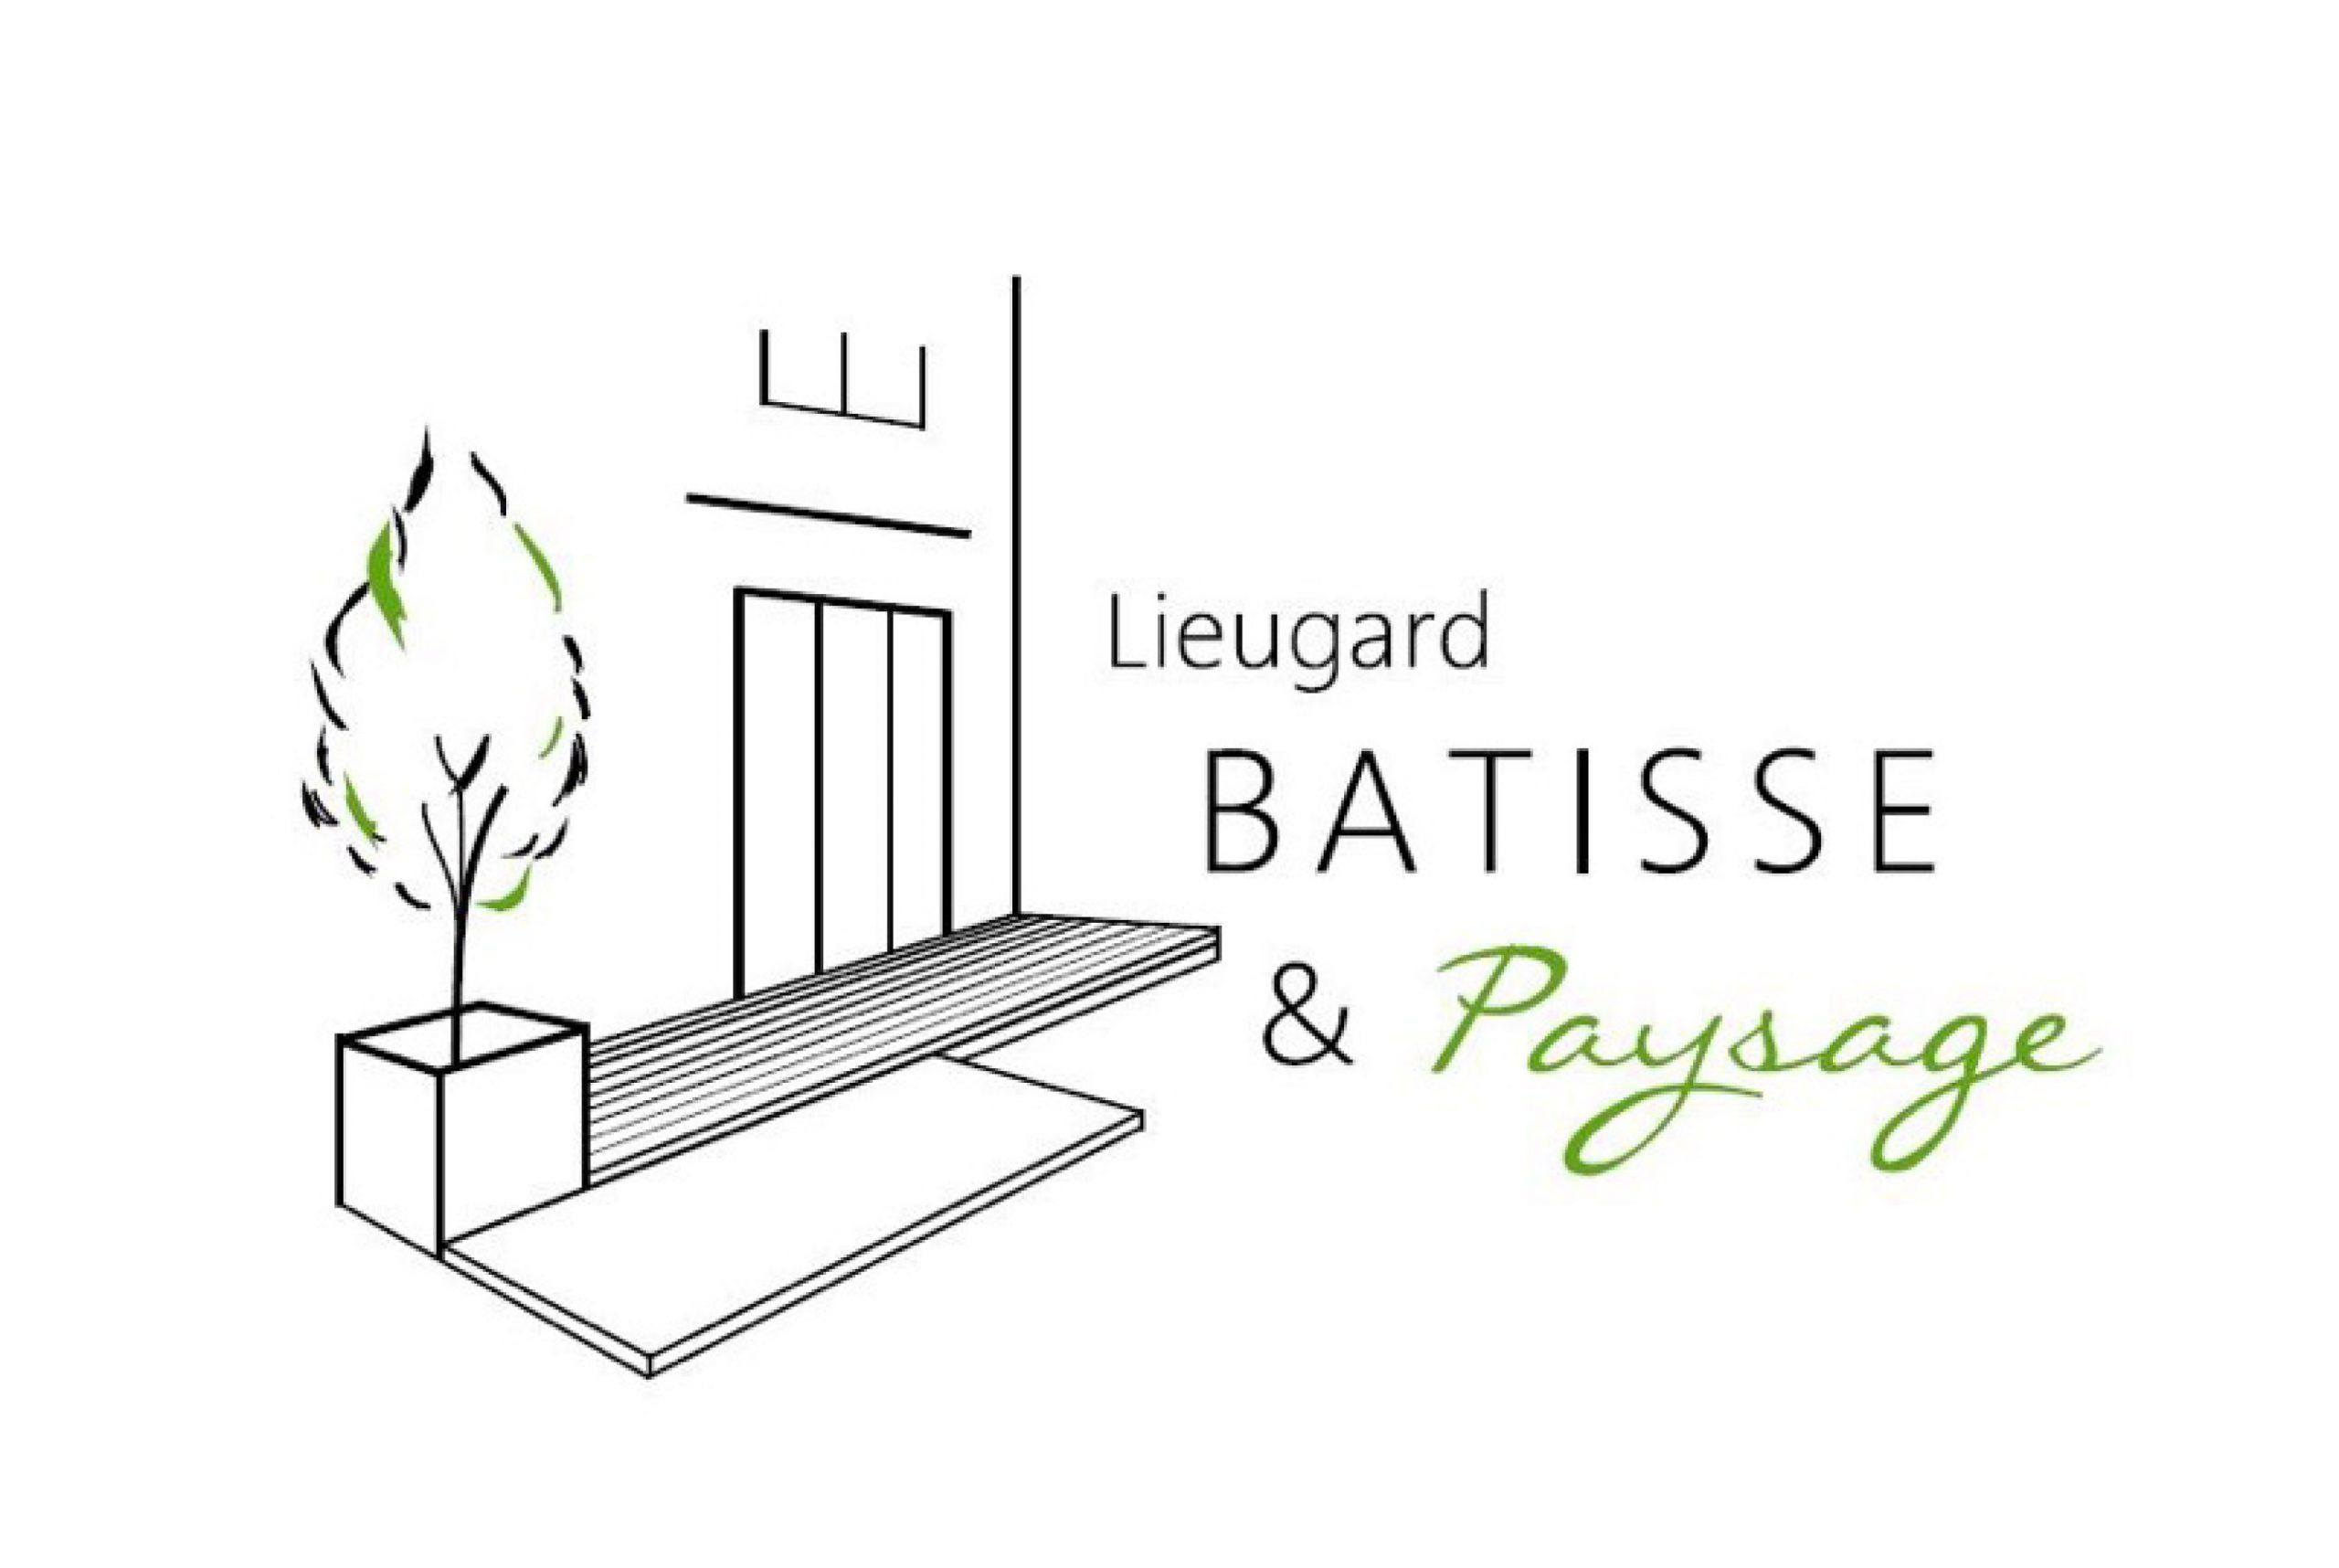 création graphique pour Lieugard batisse et paysage